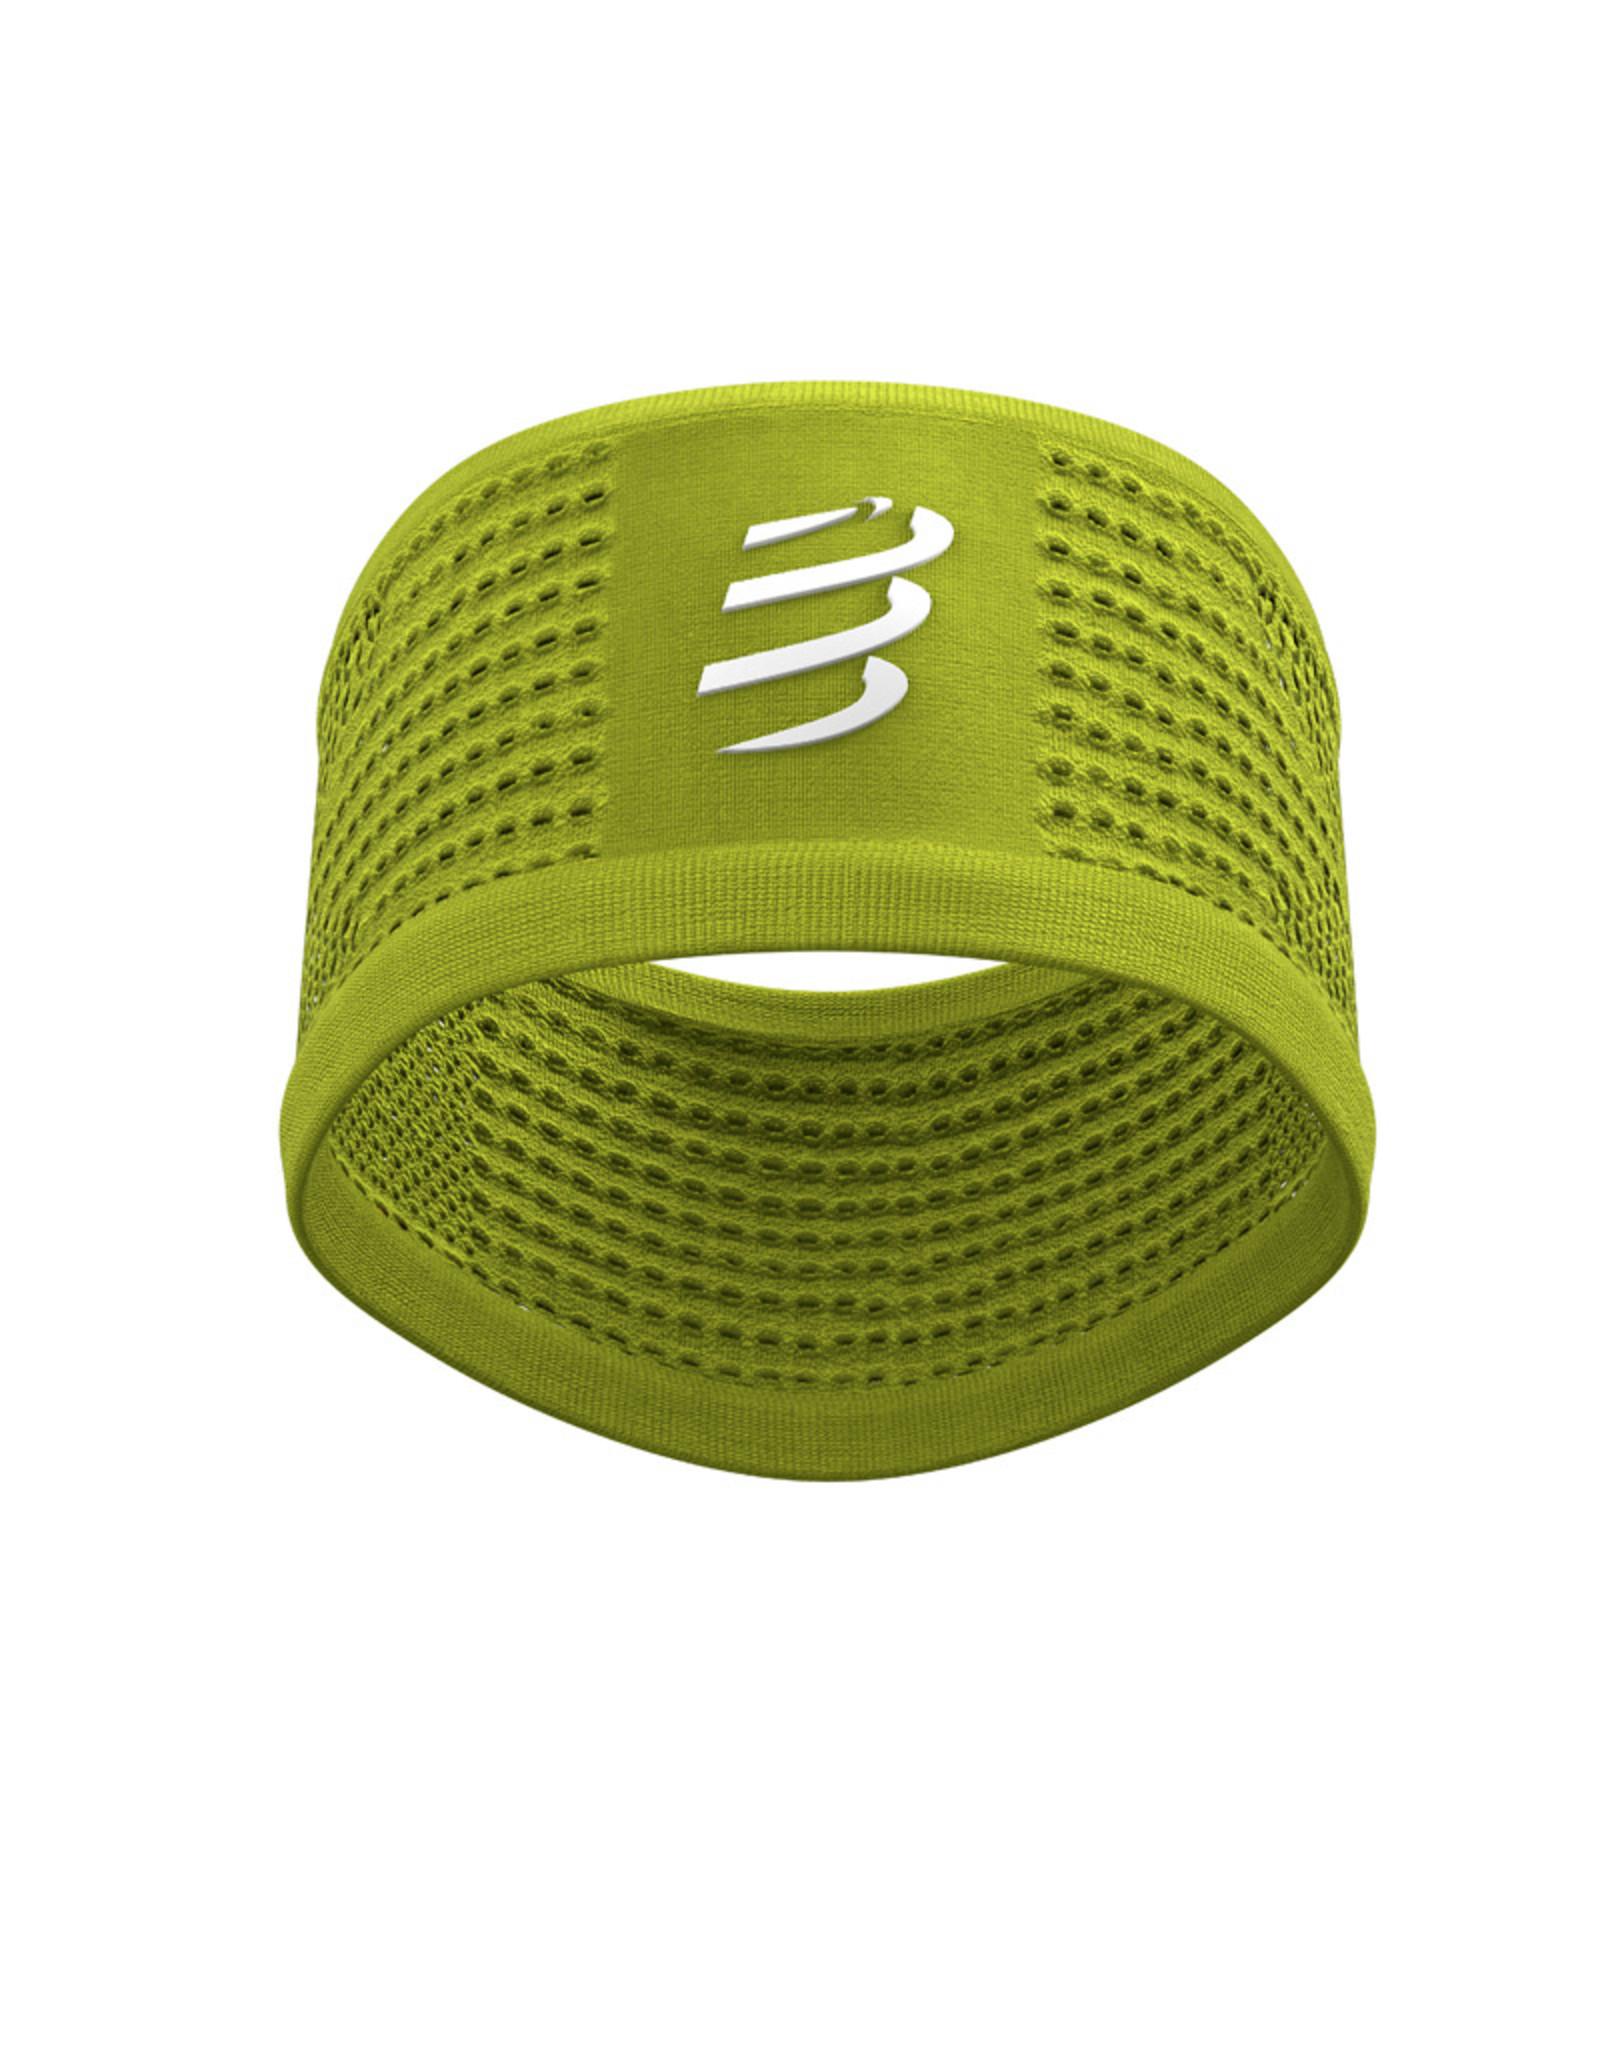 Compressport Headband On/Off - Geel